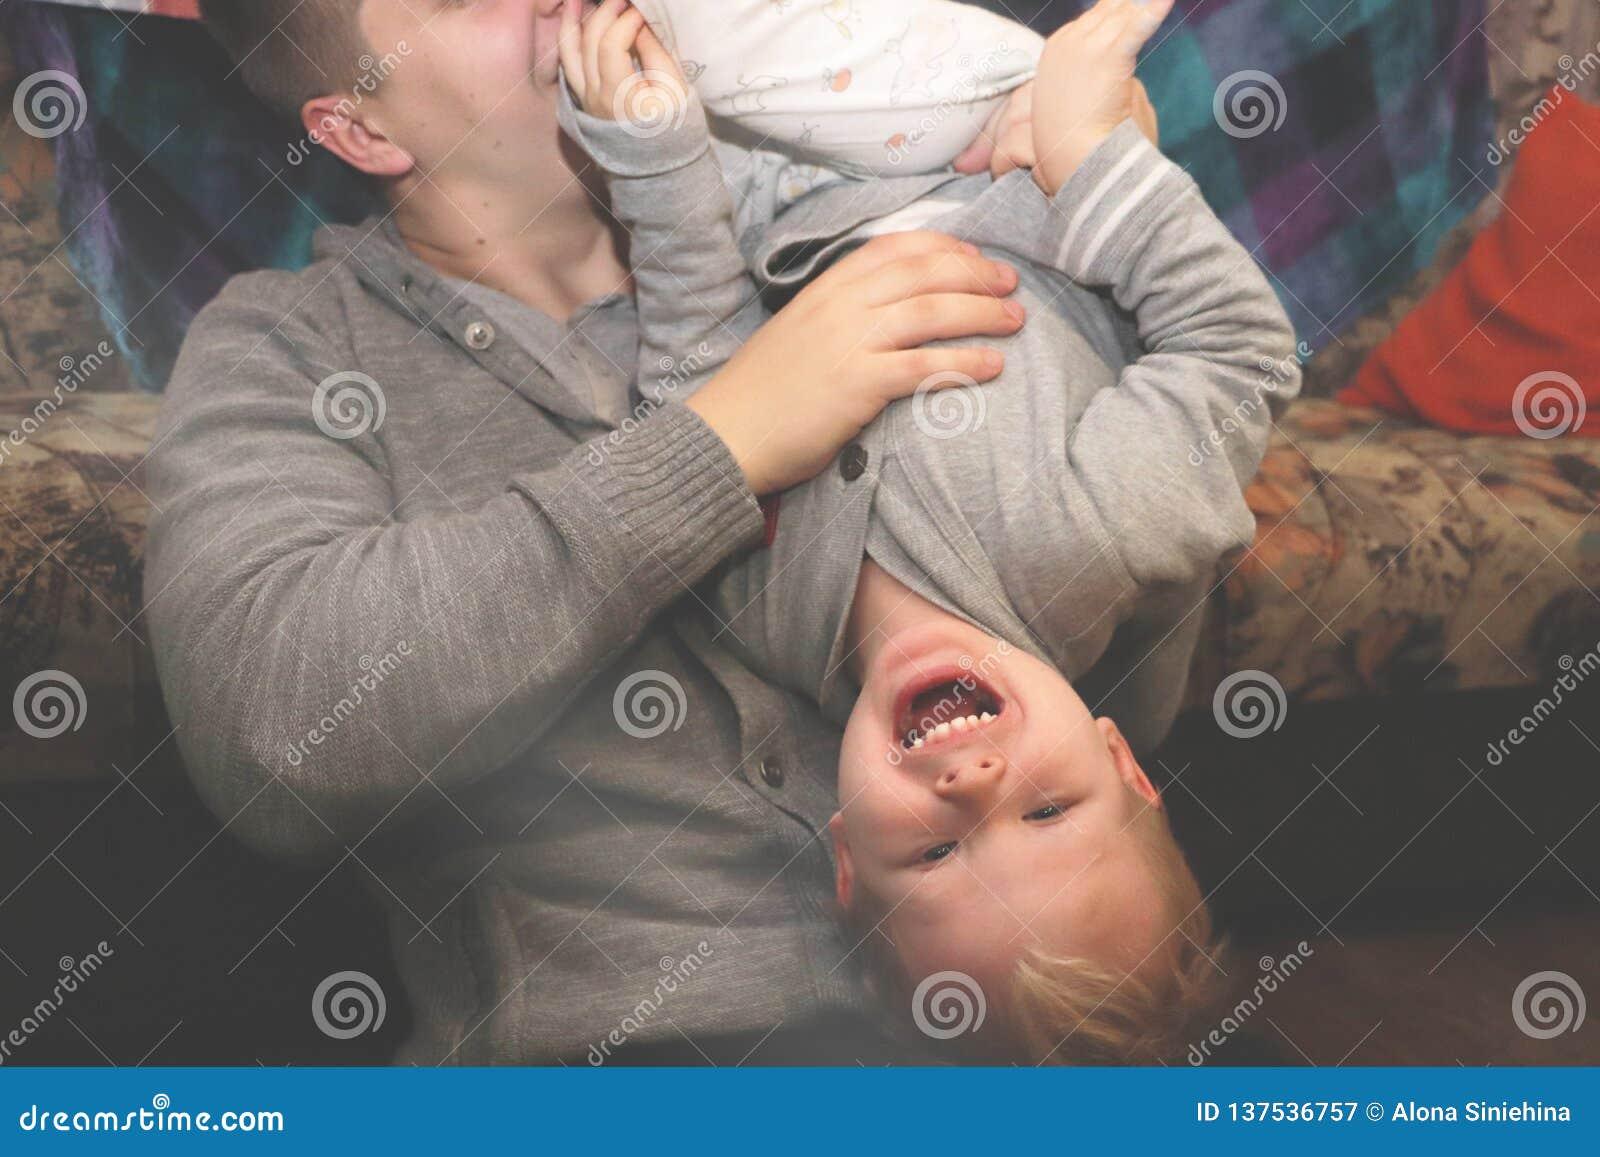 El juego del papá y del hijo, complace El padre dio vuelta a su hijo al revés, las risas del niño